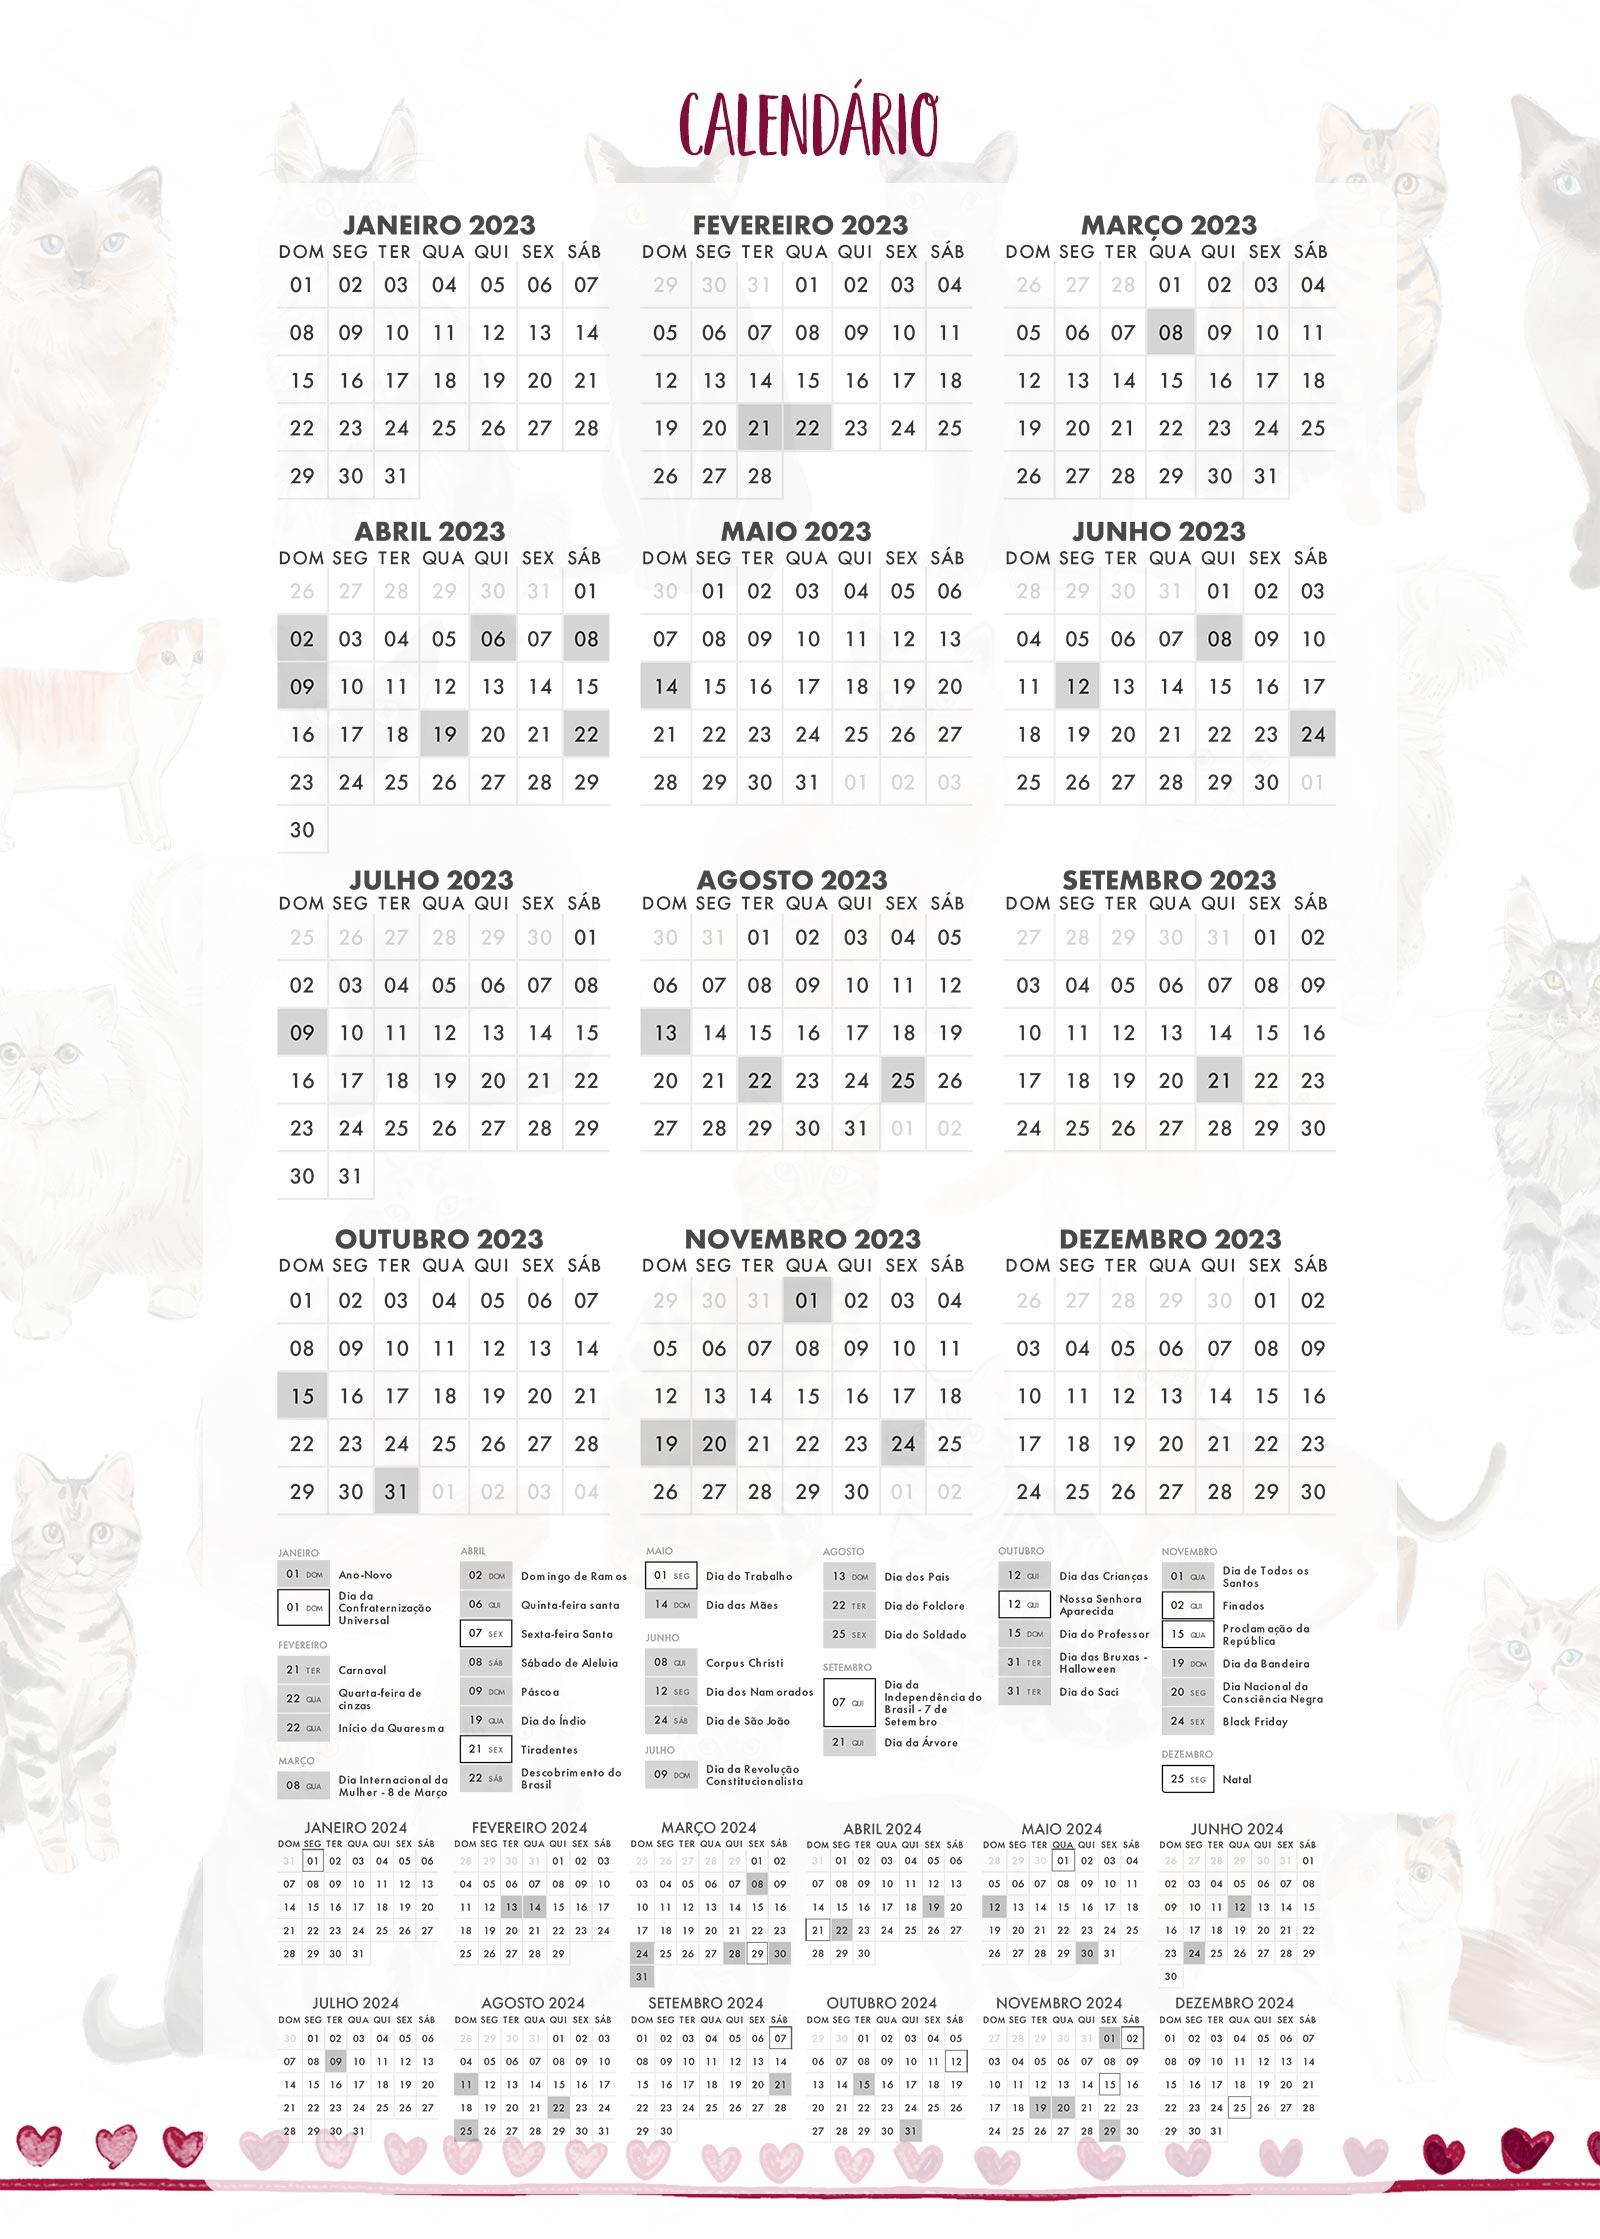 Calendario 2023 Planner Gatinhos